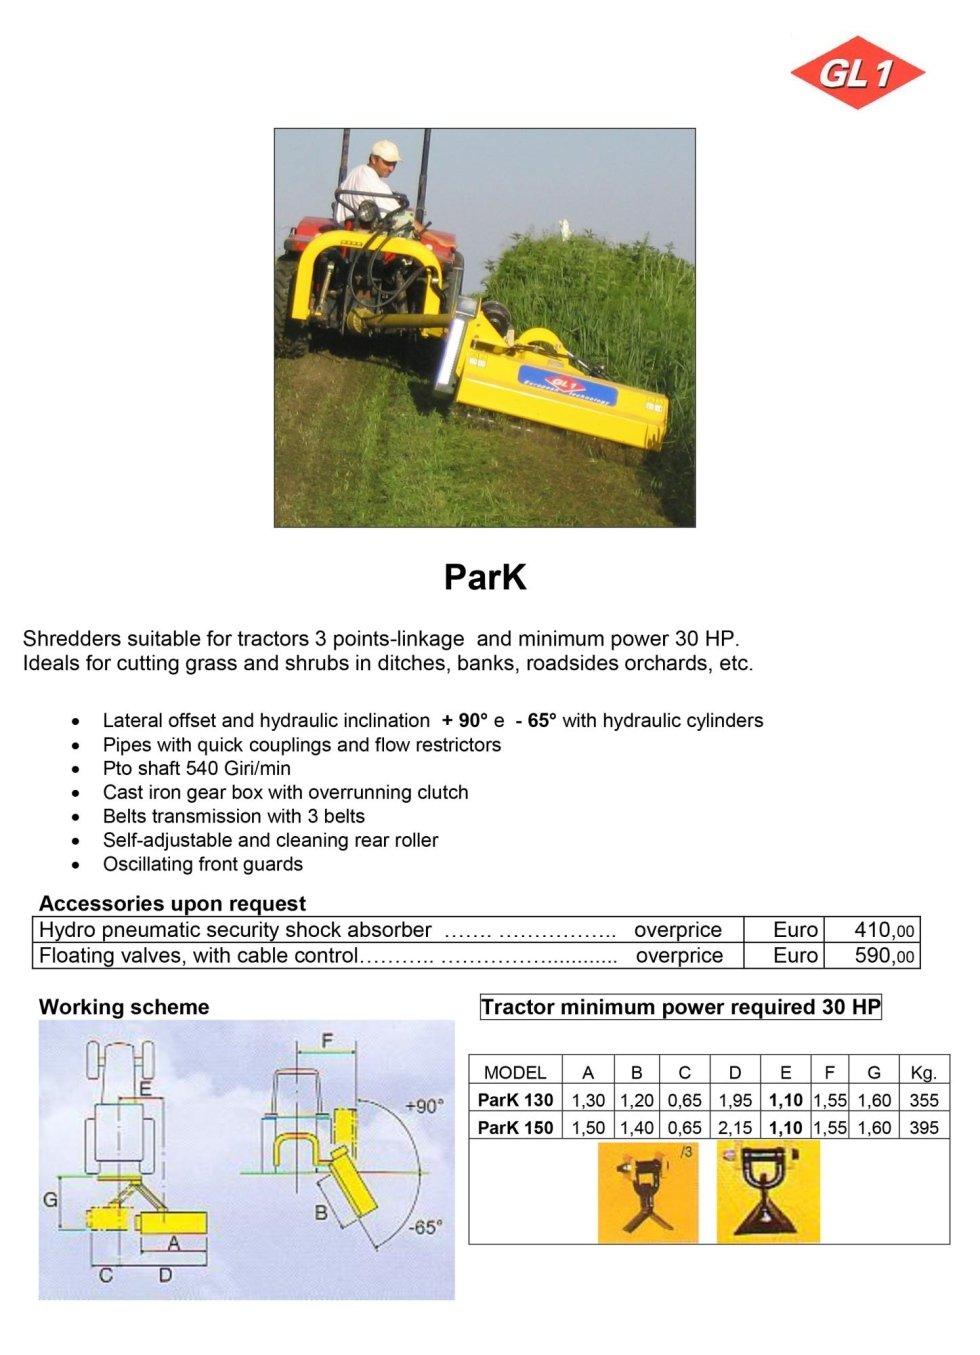 Multiuso Park 130 - 150